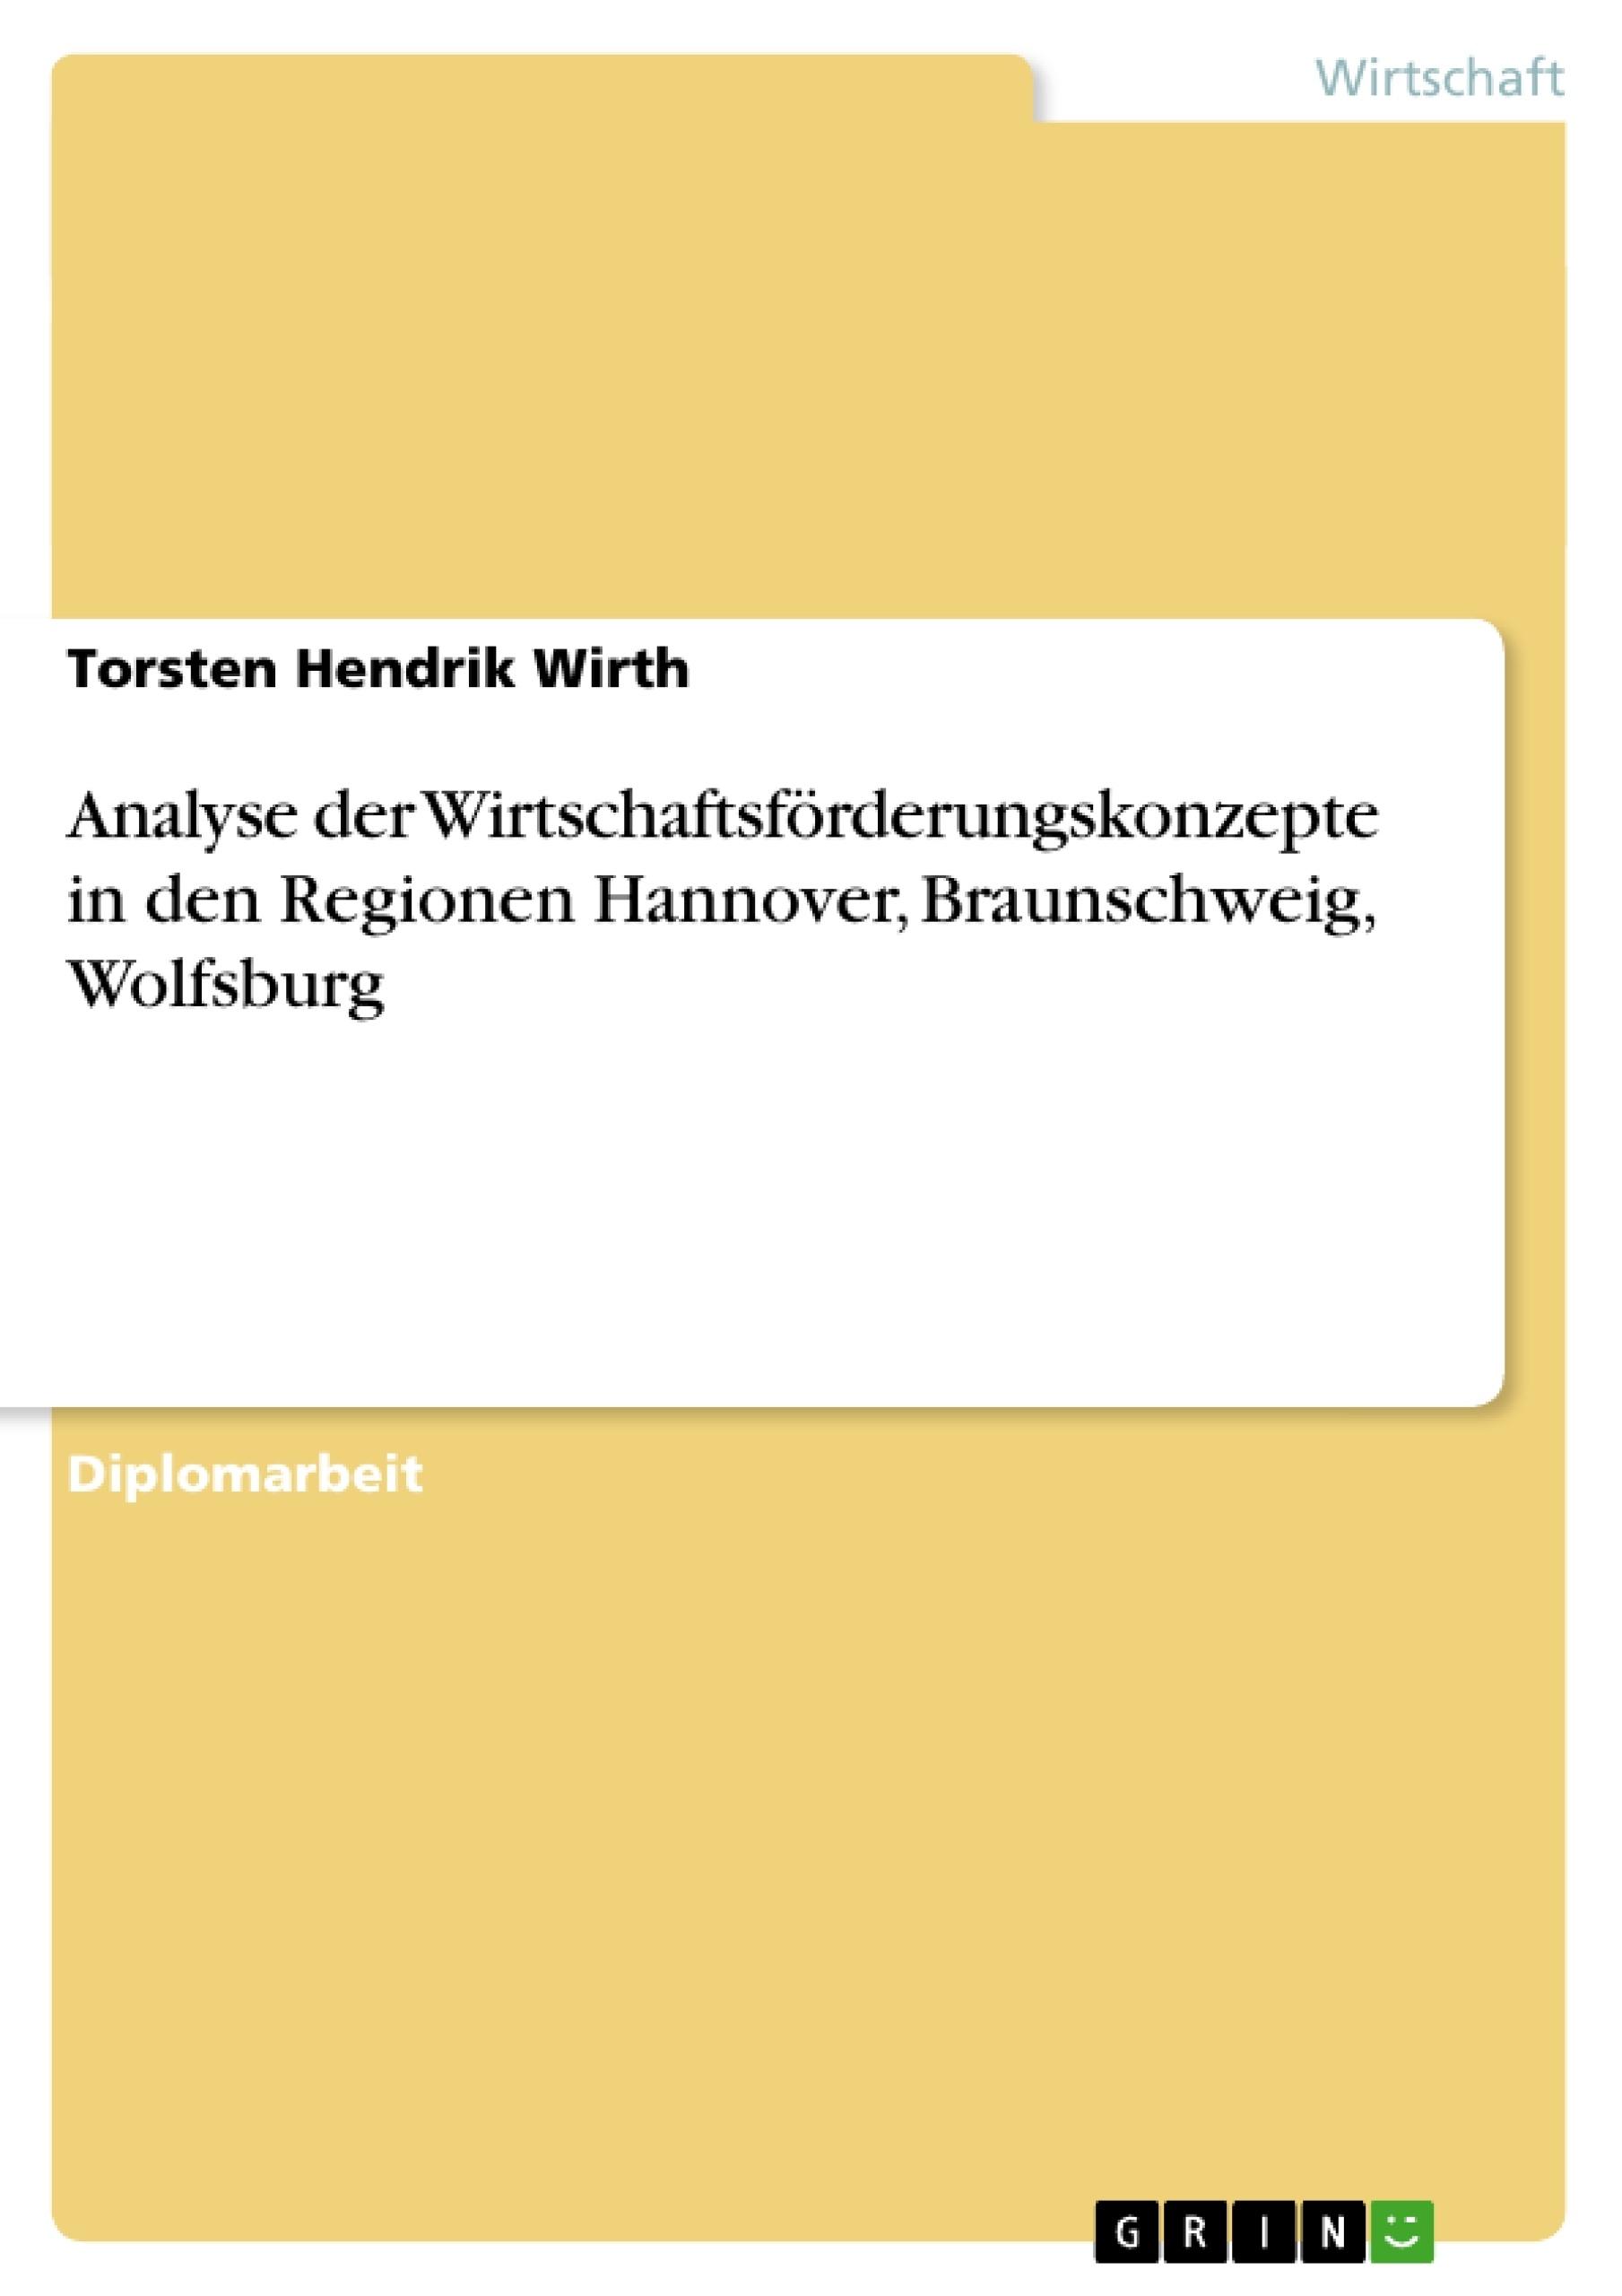 Titel: Analyse der Wirtschaftsförderungskonzepte in den Regionen Hannover, Braunschweig, Wolfsburg